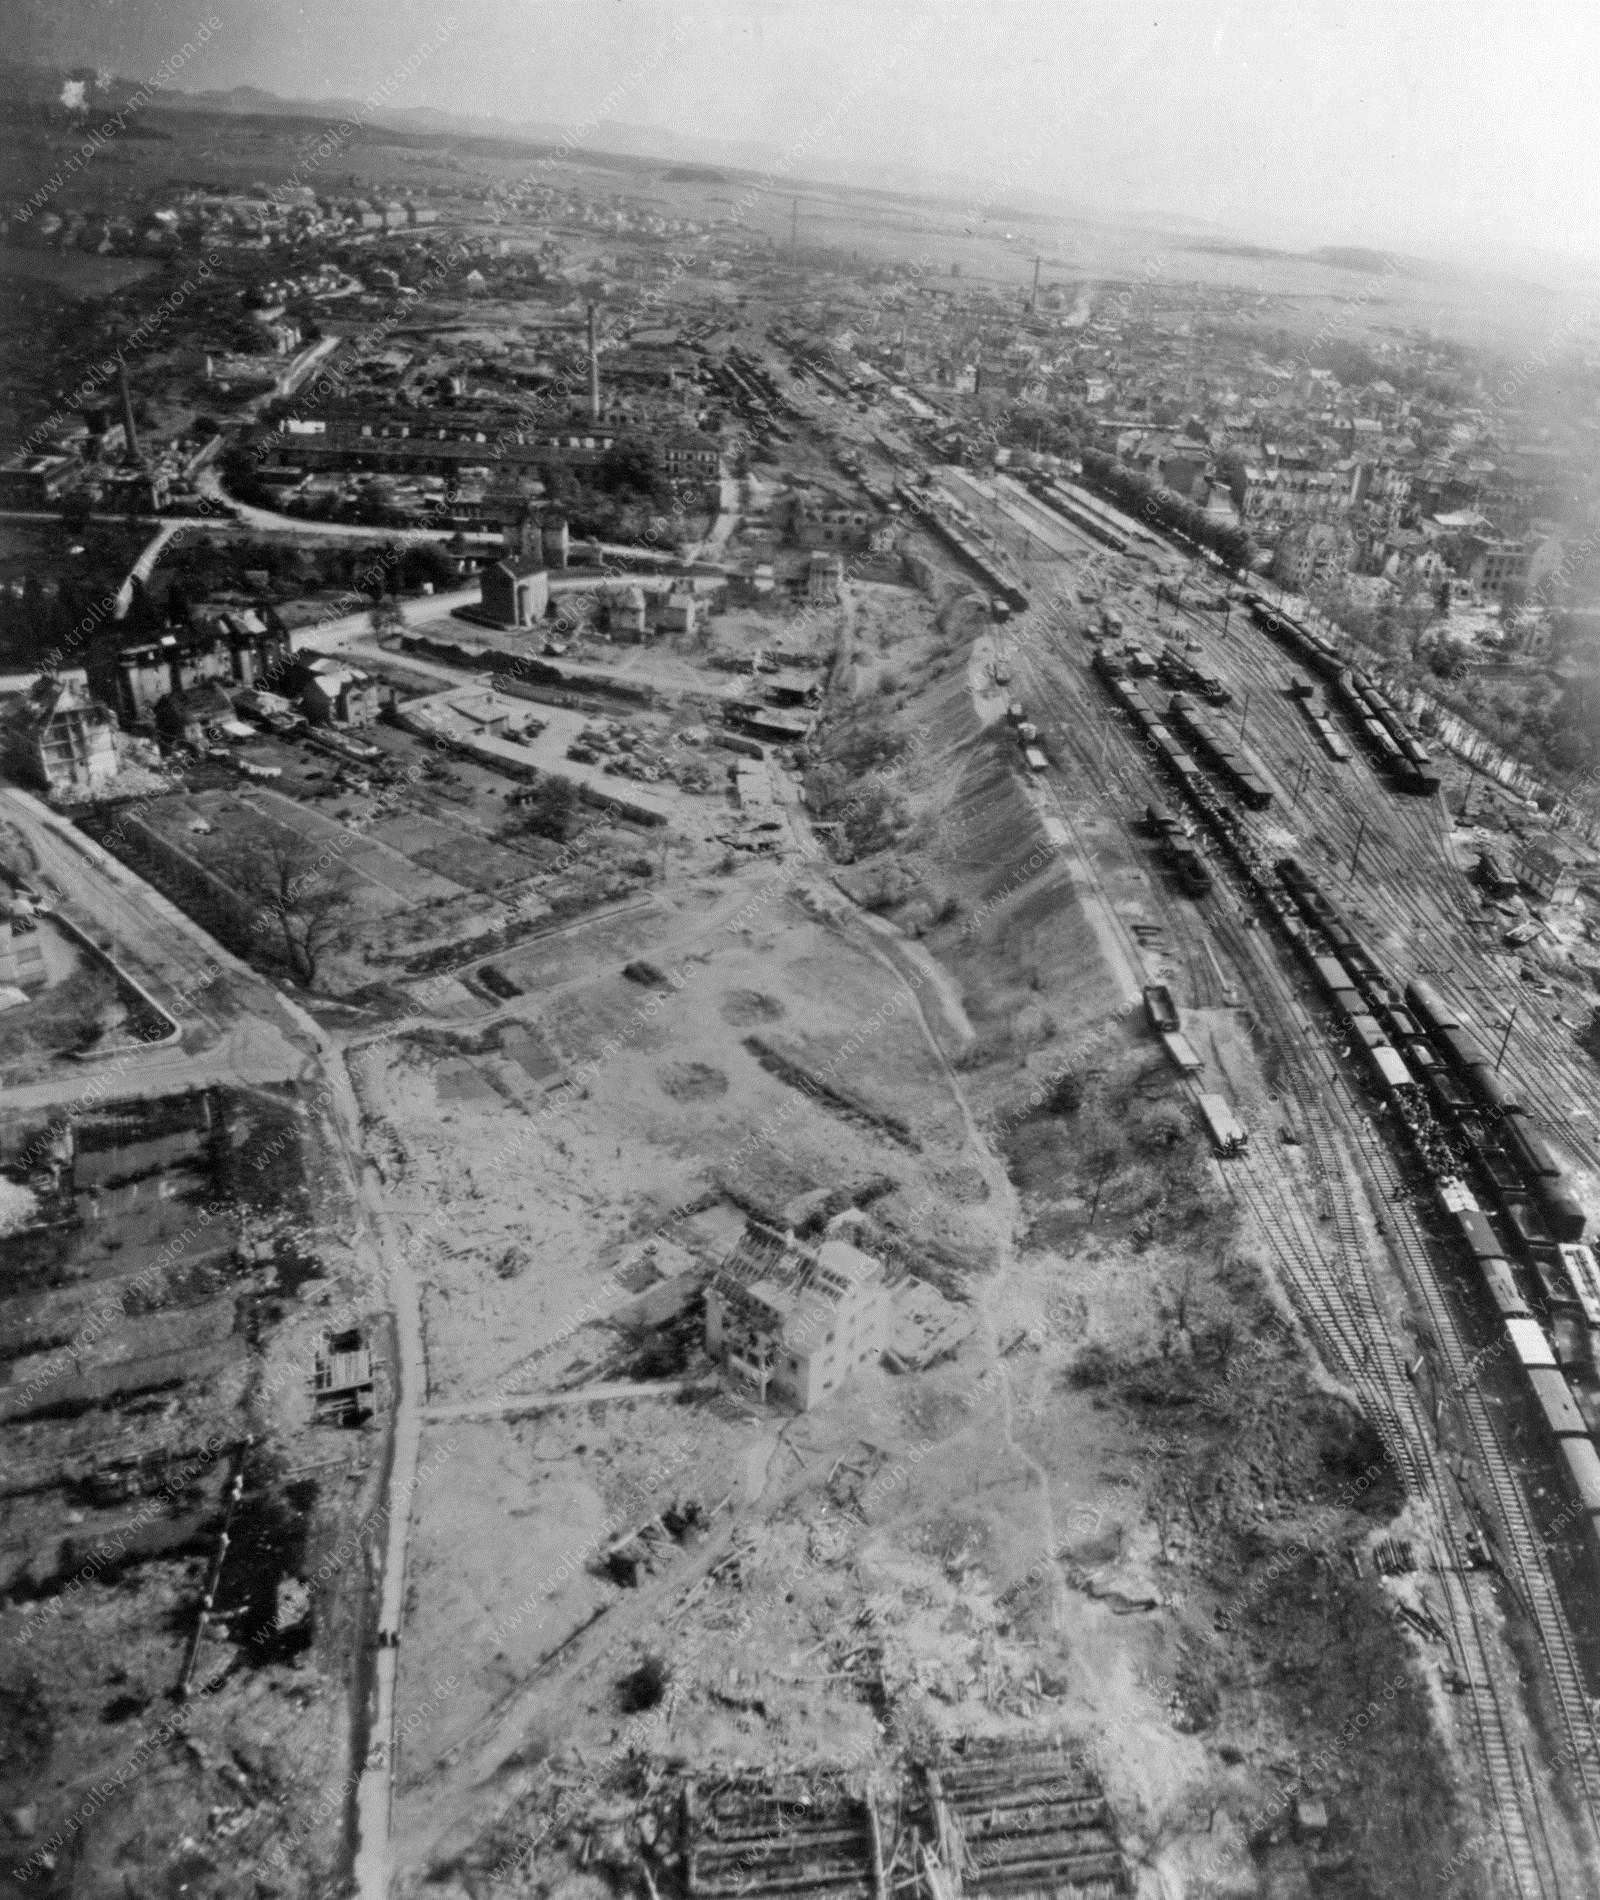 Luftaufnahme der Kurfürstenstraße, Magdeburger Straße sowie Esperantostraße und Amand-Ney-Straße in Fulda nach den Bombenangriffen im Mai 1945